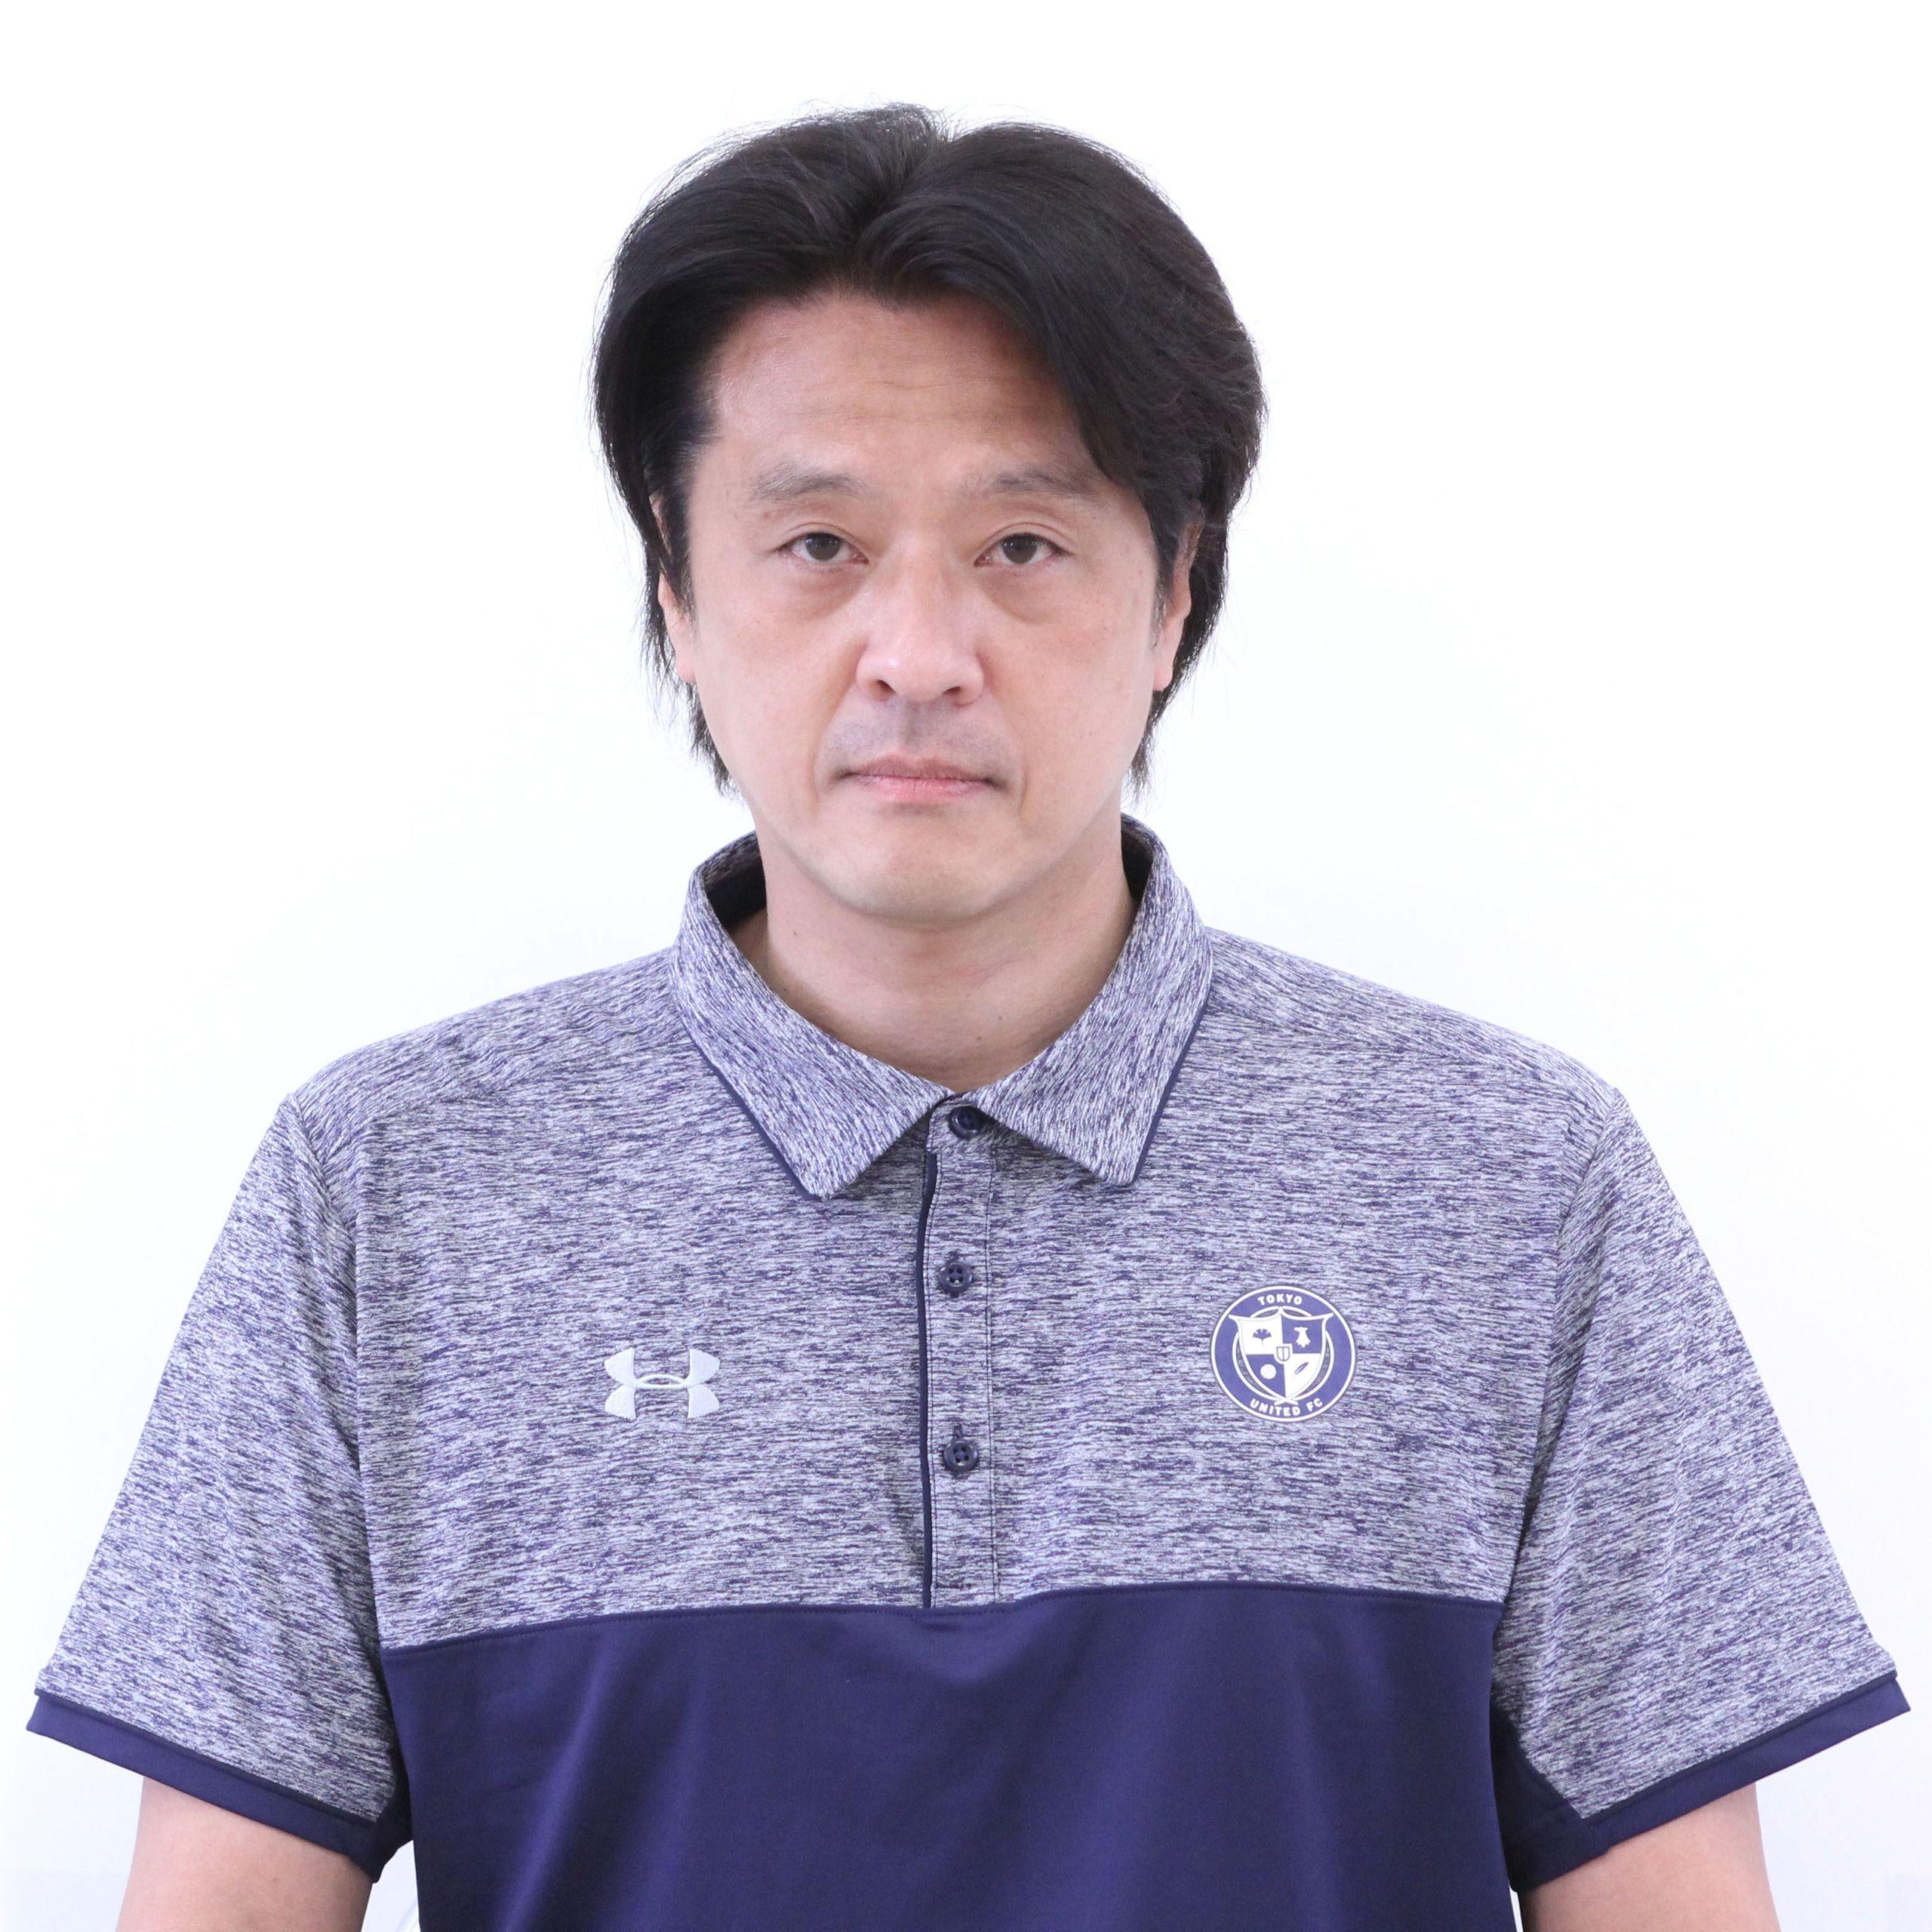 小山 善史 KOYAMA YOSHIFUMI